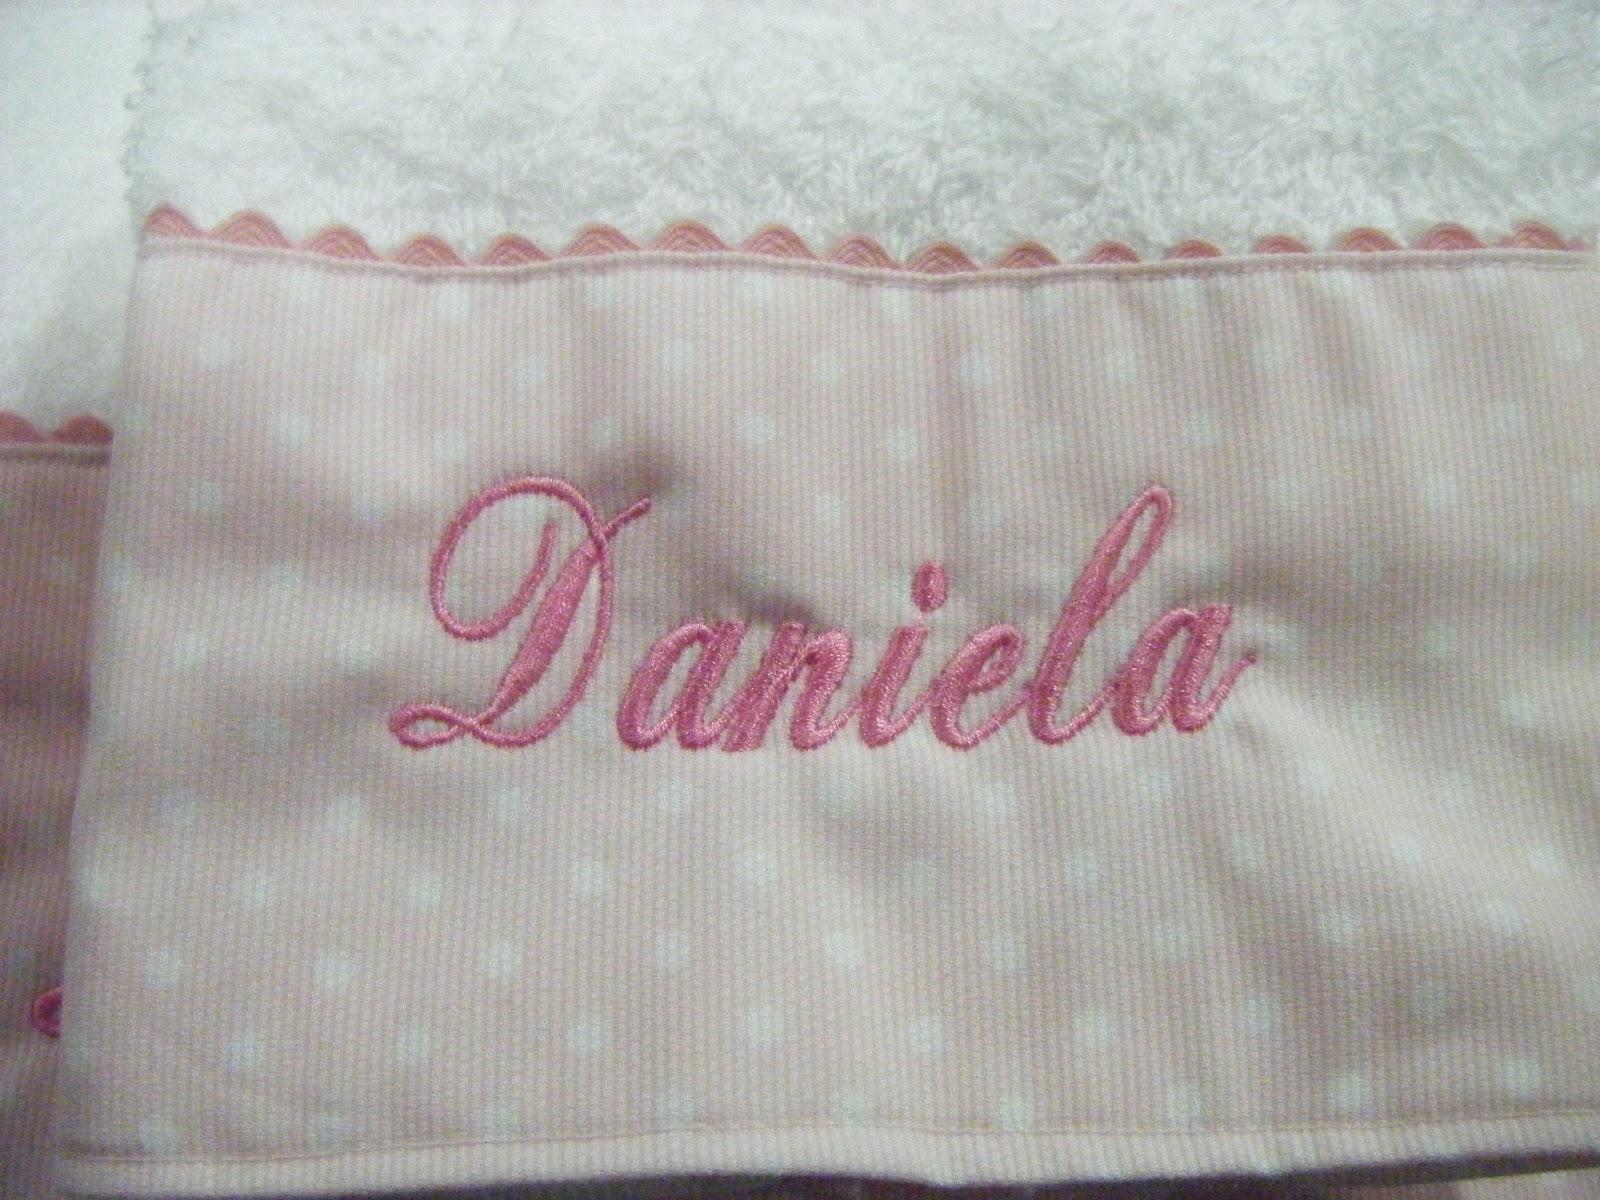 The ariema boutique juego de toallas y sabanas personalizadas - Sabanas y toallas ...